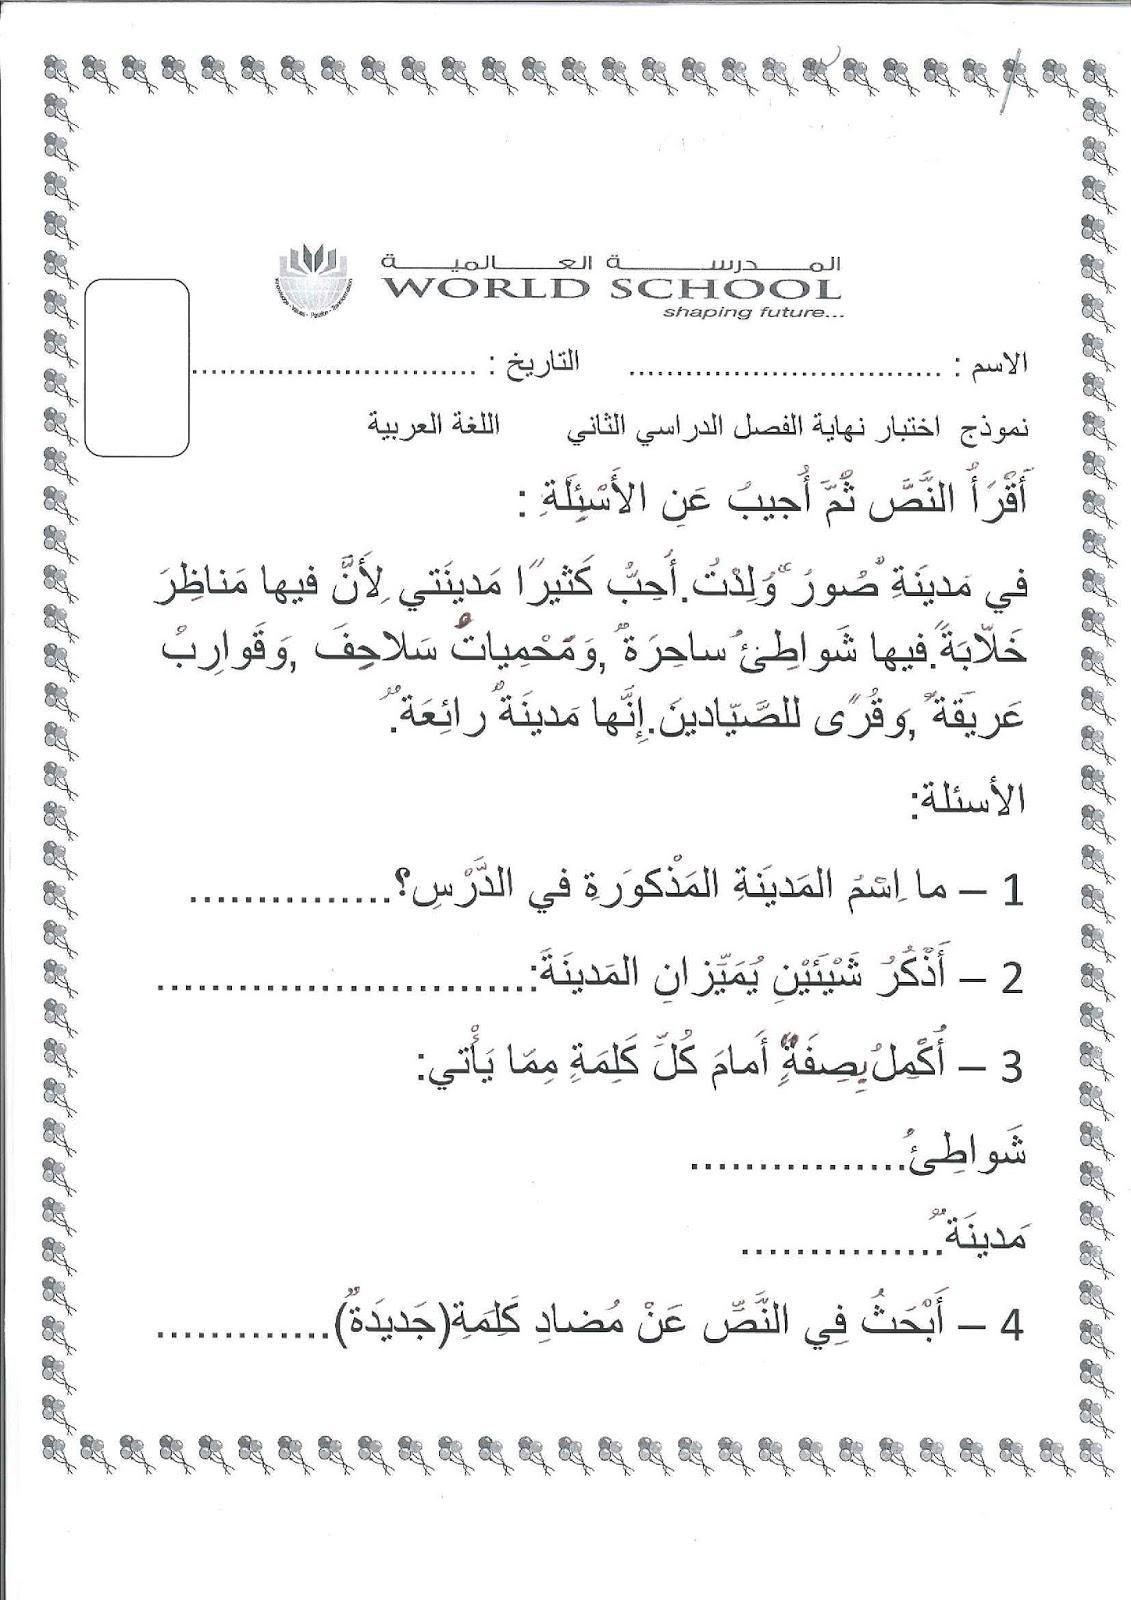 medium resolution of WORLD SCHOOL OMAN: May 2017